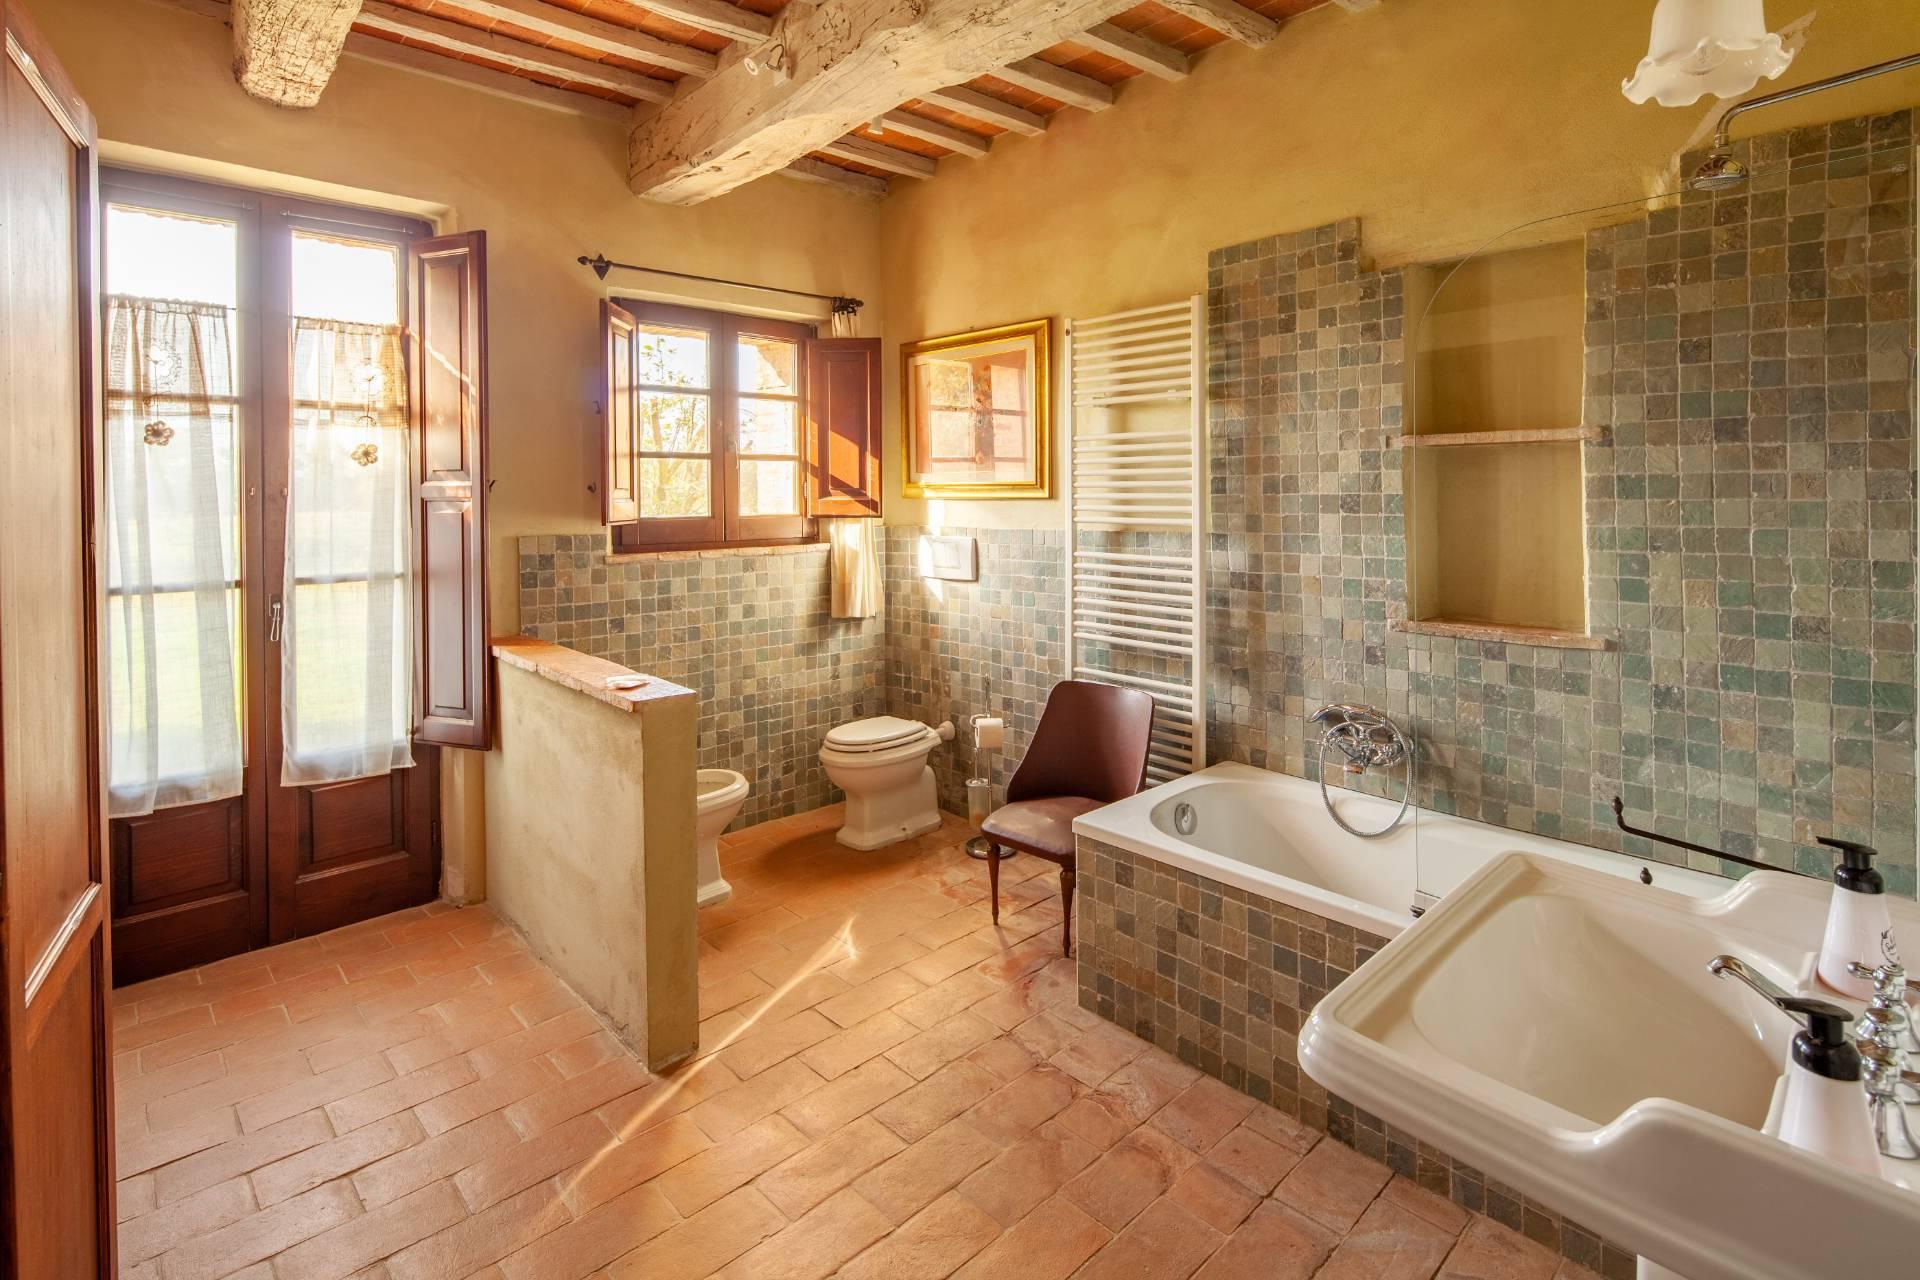 Villa in Vendita a Citta' Della Pieve: 5 locali, 300 mq - Foto 13